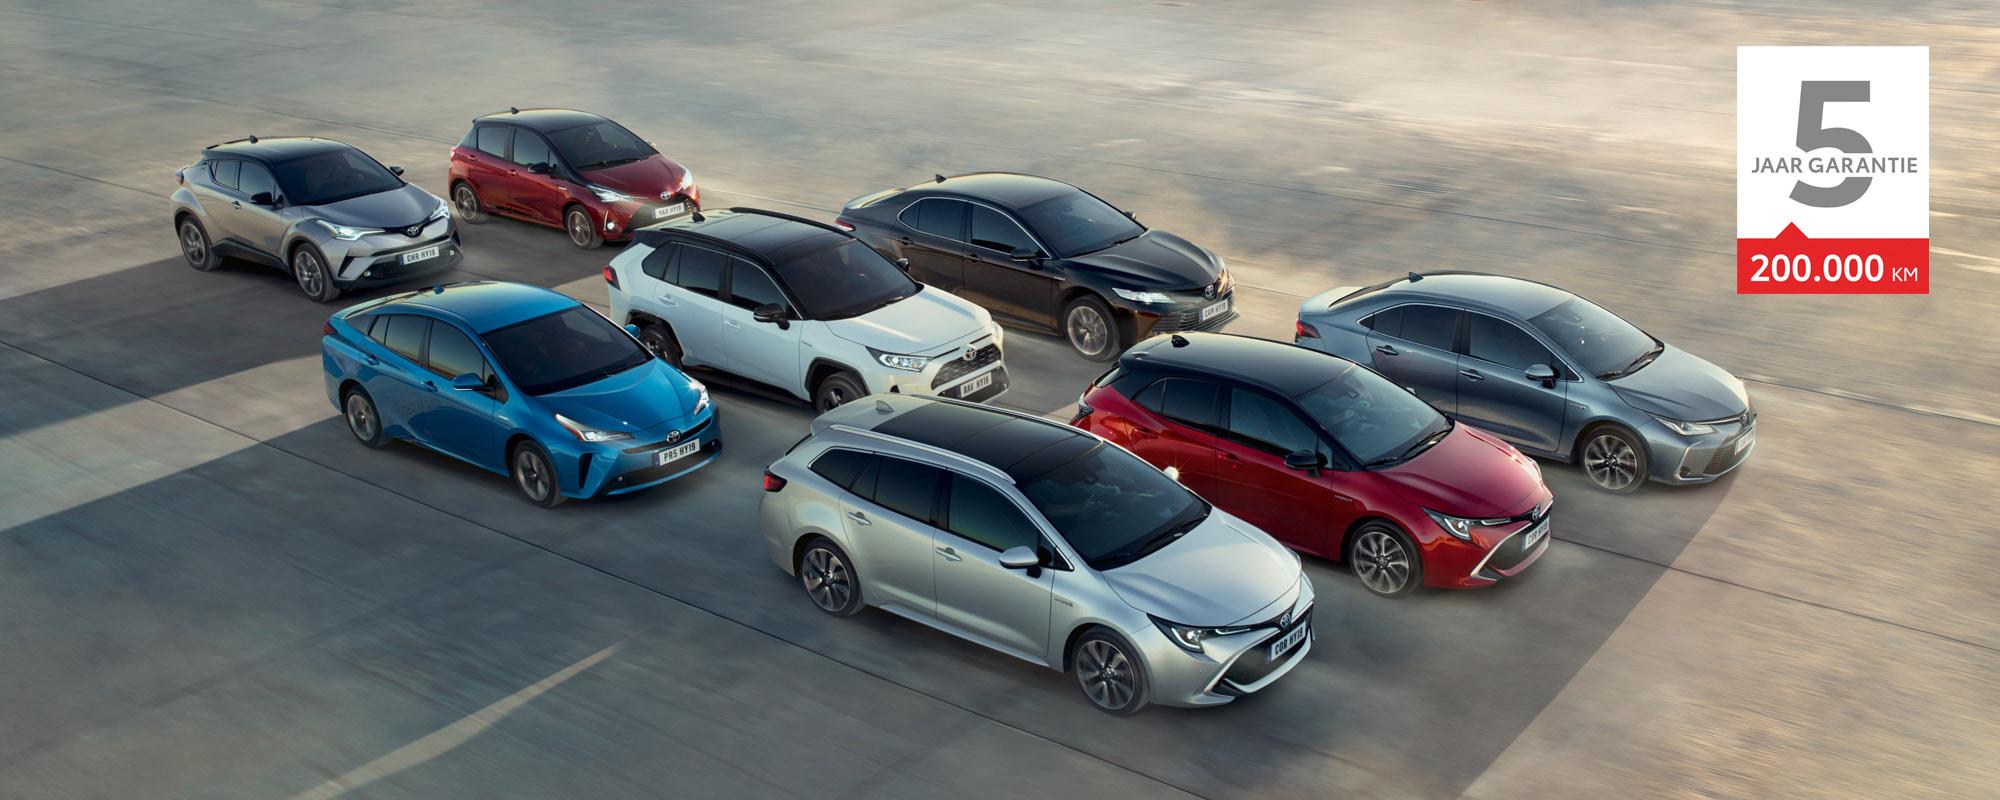 01-Voortaan-standaard-vijf-jaar-garantie-op-elke-Toyota